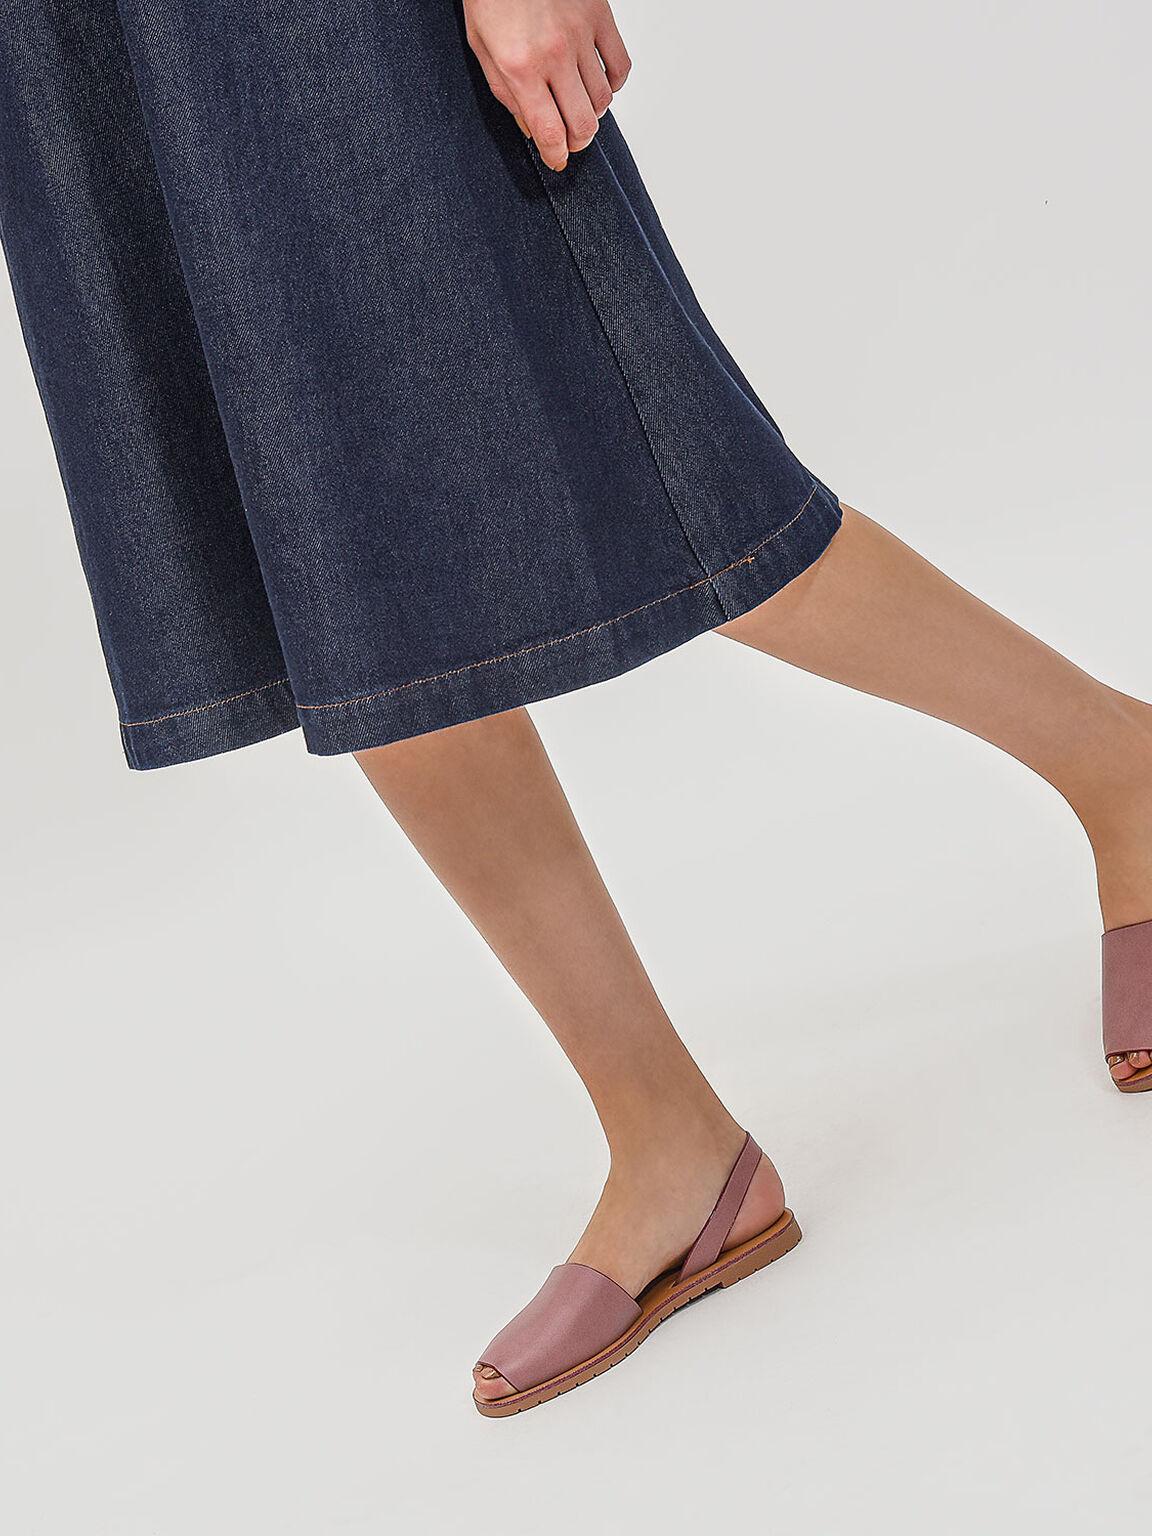 Peep Toe Sling Back Sandals, Pink, hi-res